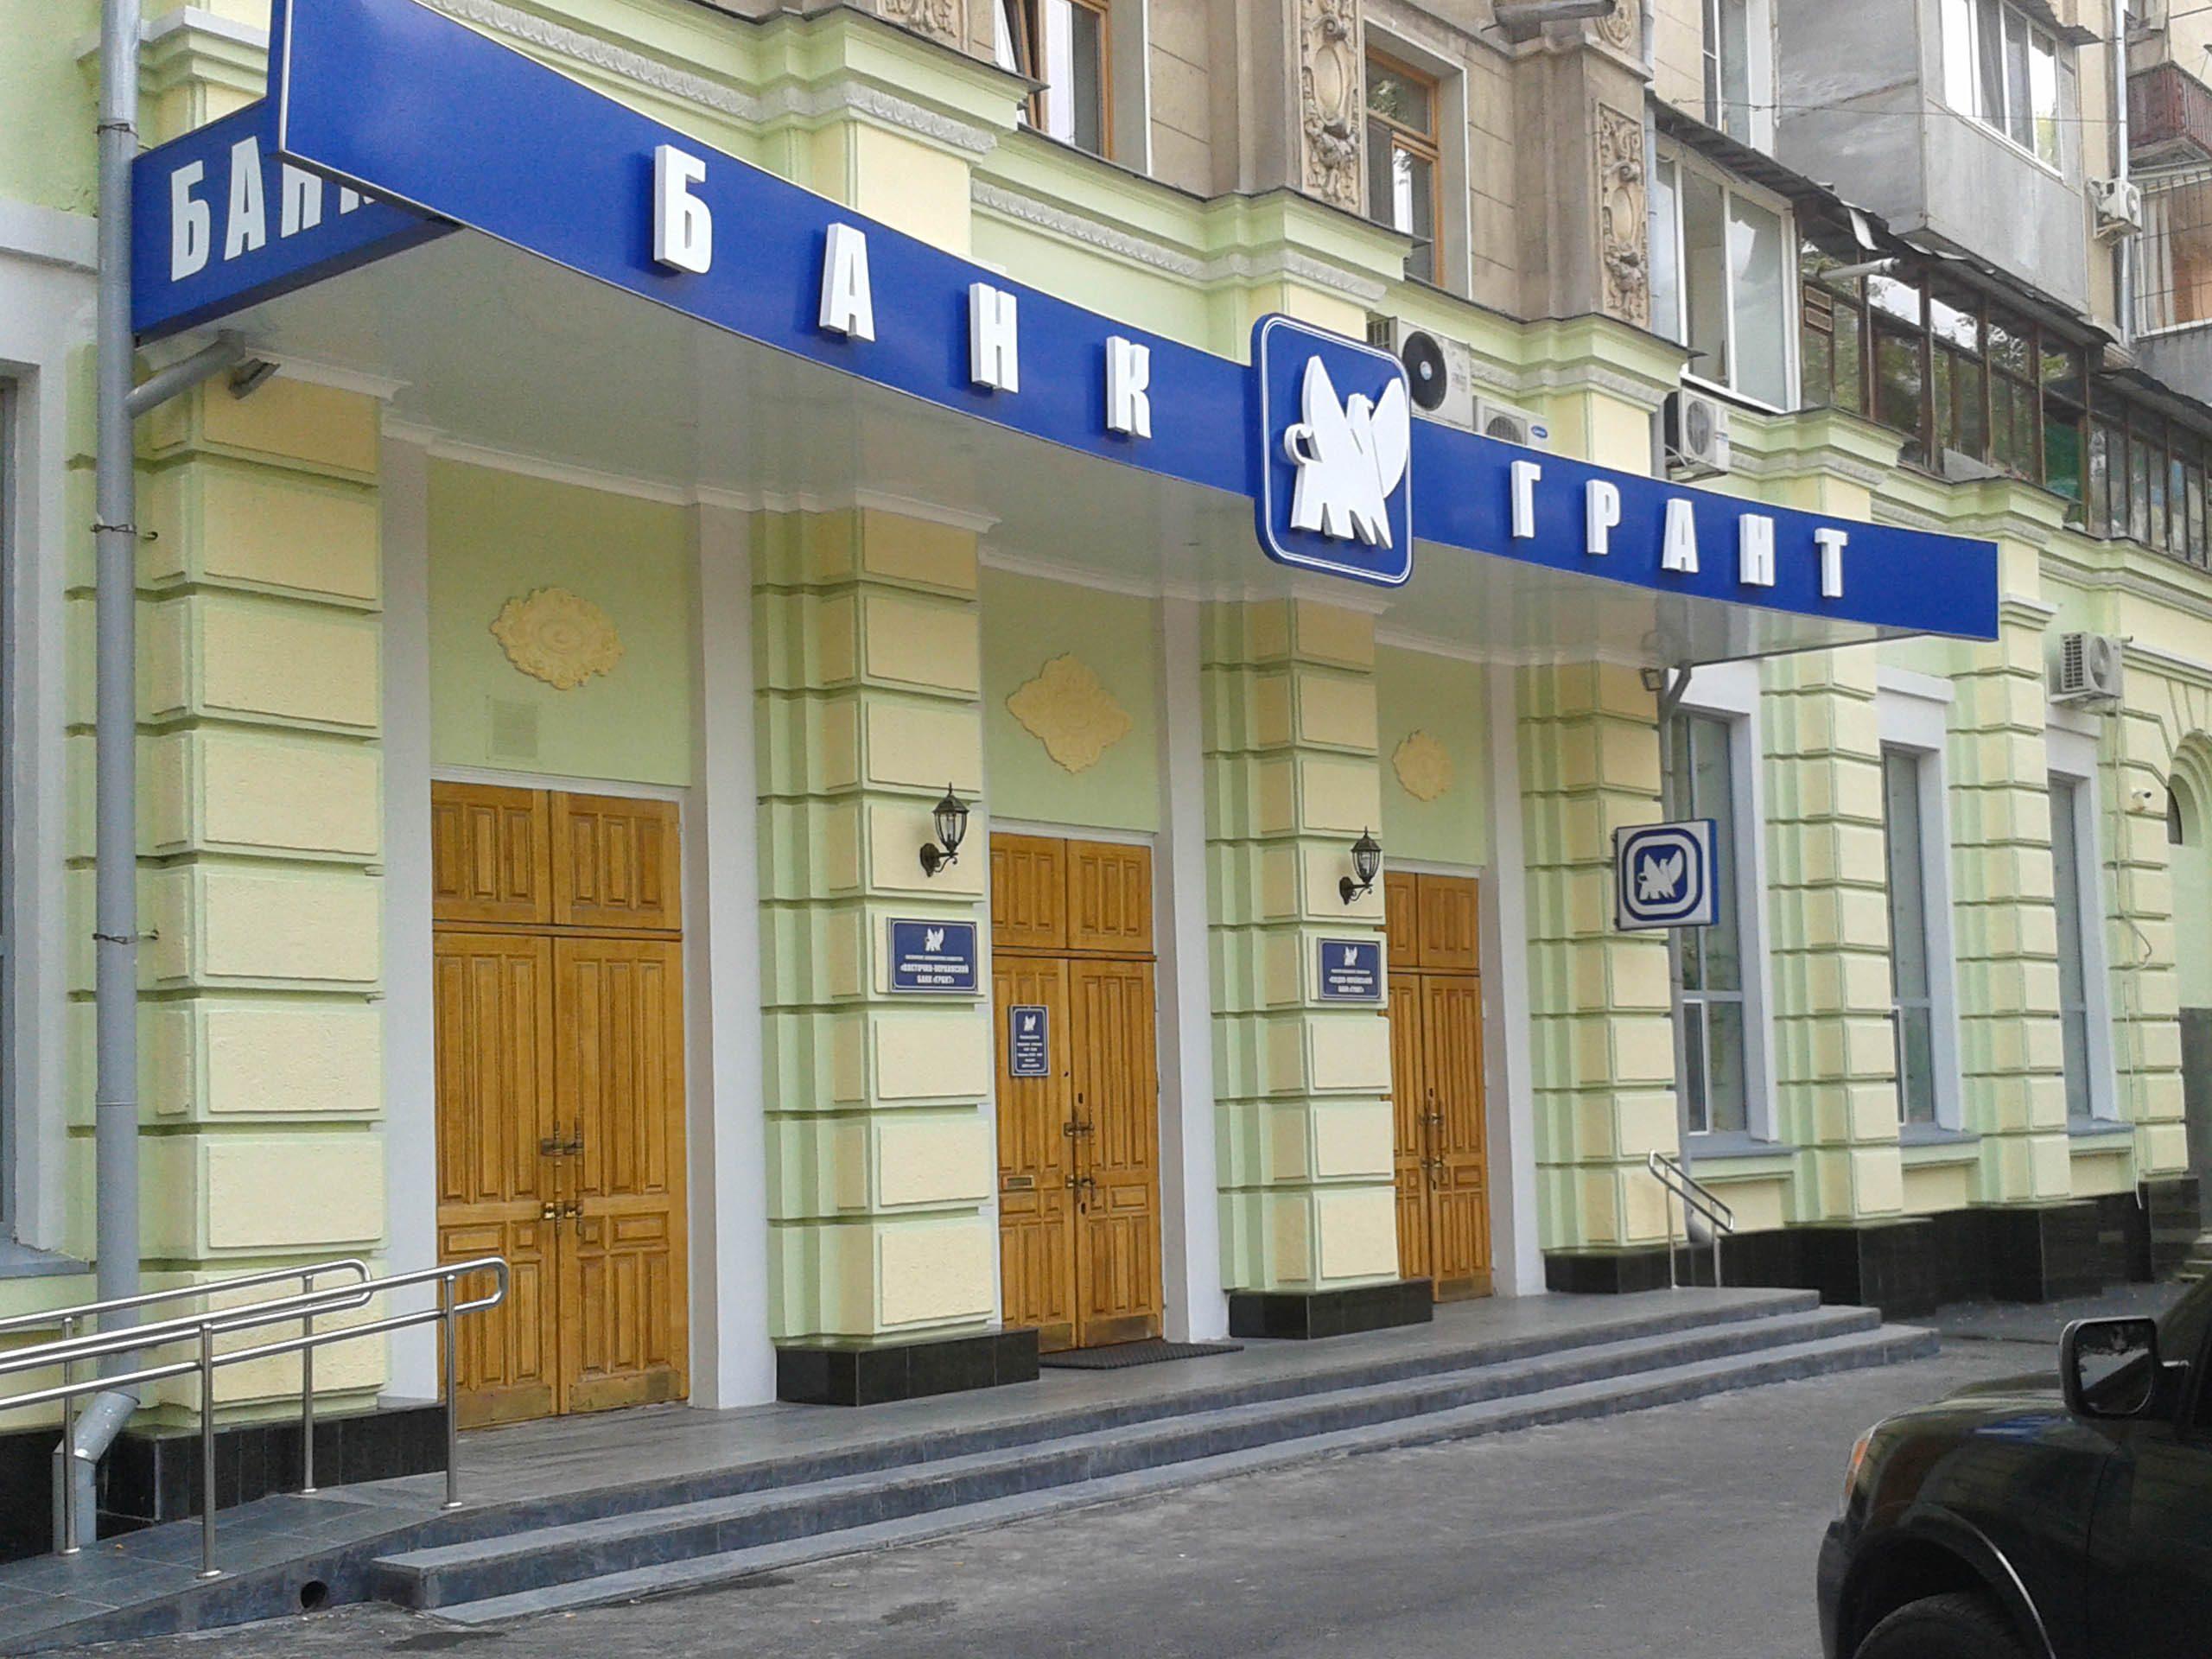 Банк «Грант» выполнил нормативы НБУ по докапитализации